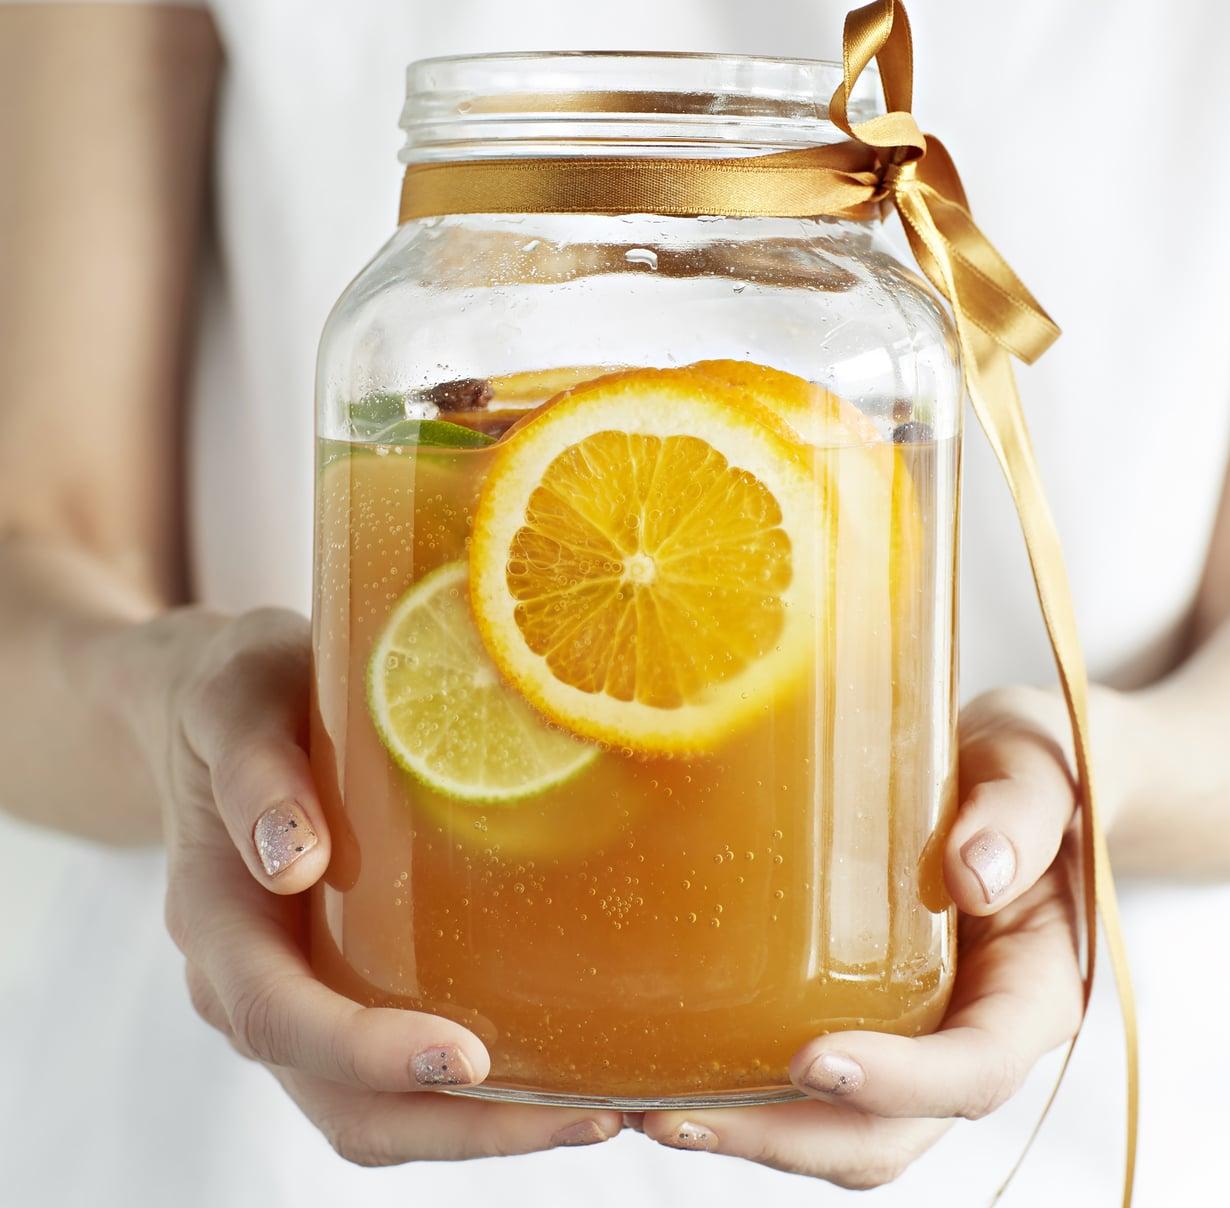 Vaihtelua kaipaava tekee tänä vappuna simansa appelsiineista. Kuva: Ninna Lindström